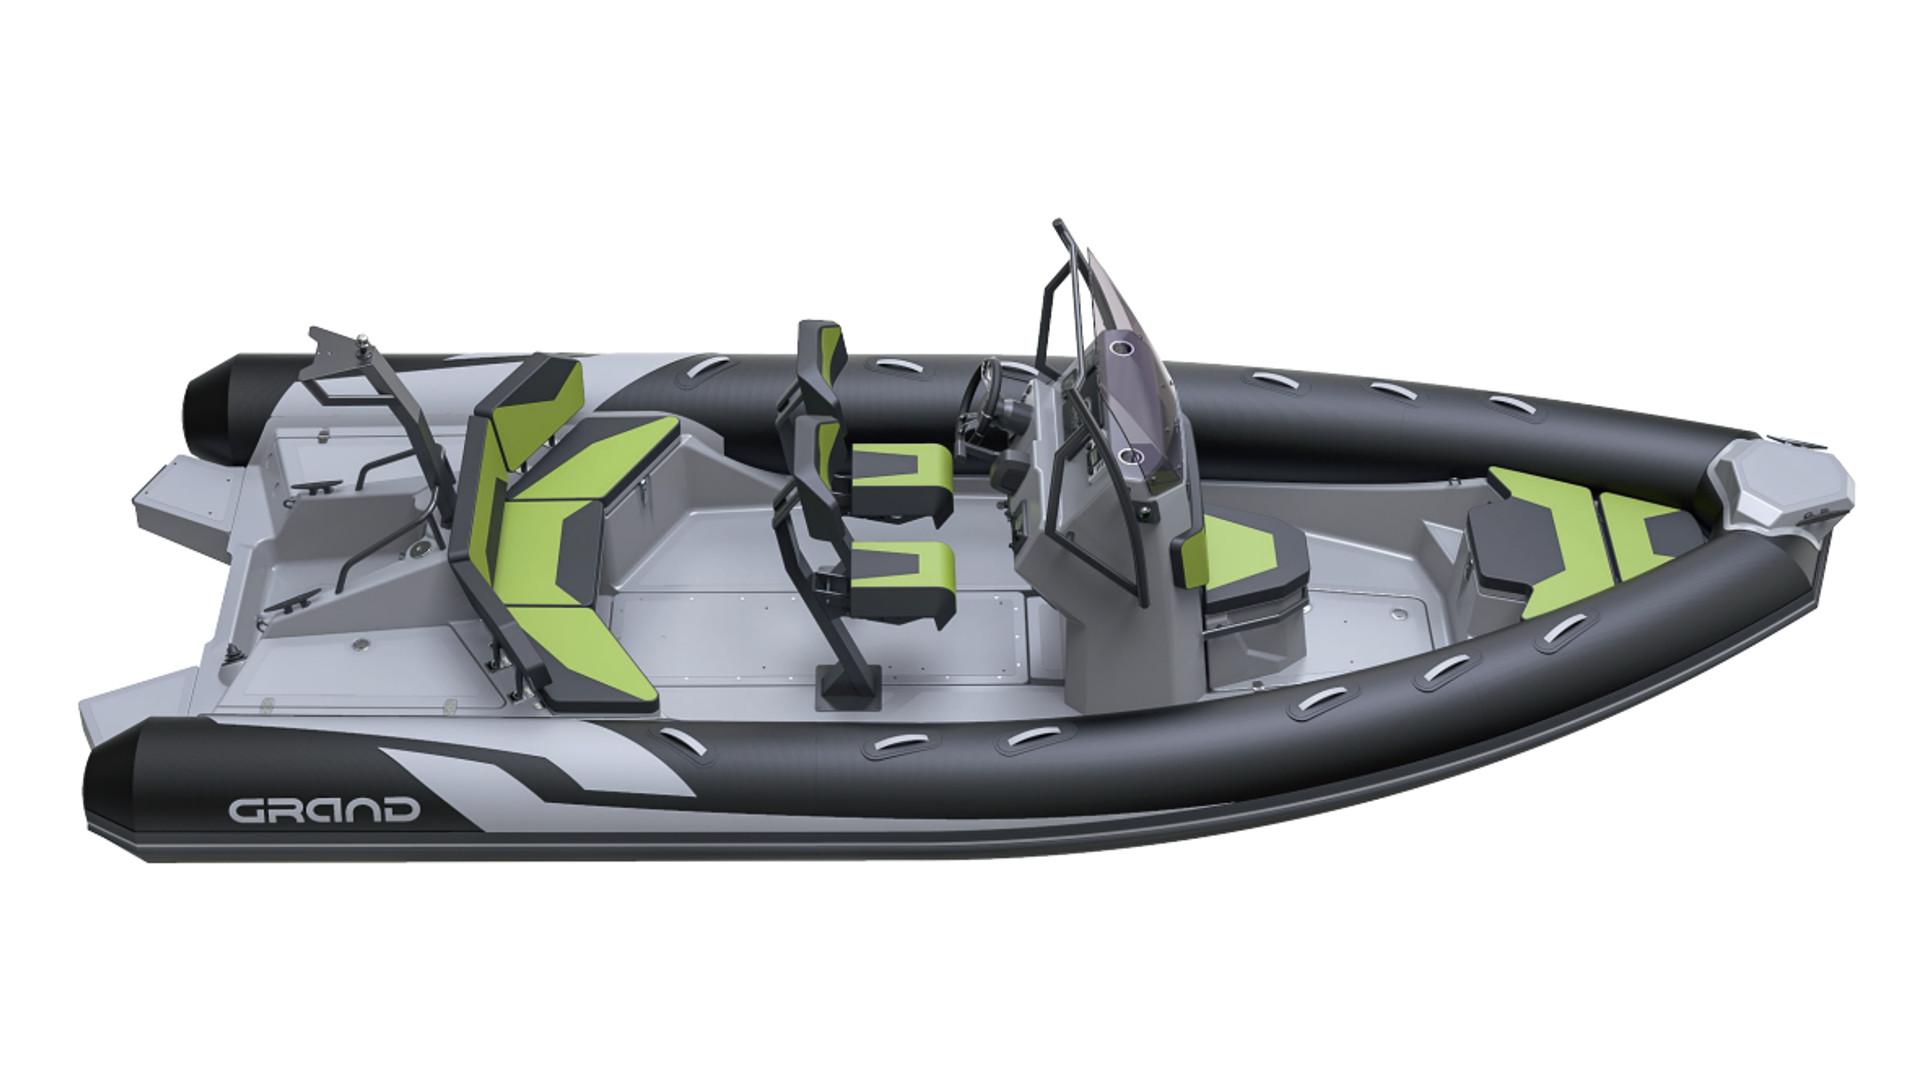 GRAND Drive Line, GRAND Drive, GRAND D600A, GRAND Drive D600 ACTIVE, GRAND RIB, Pro RIB, надувная лодка GRAND Drive D600A, Rigid Inflatable Boats GRAND